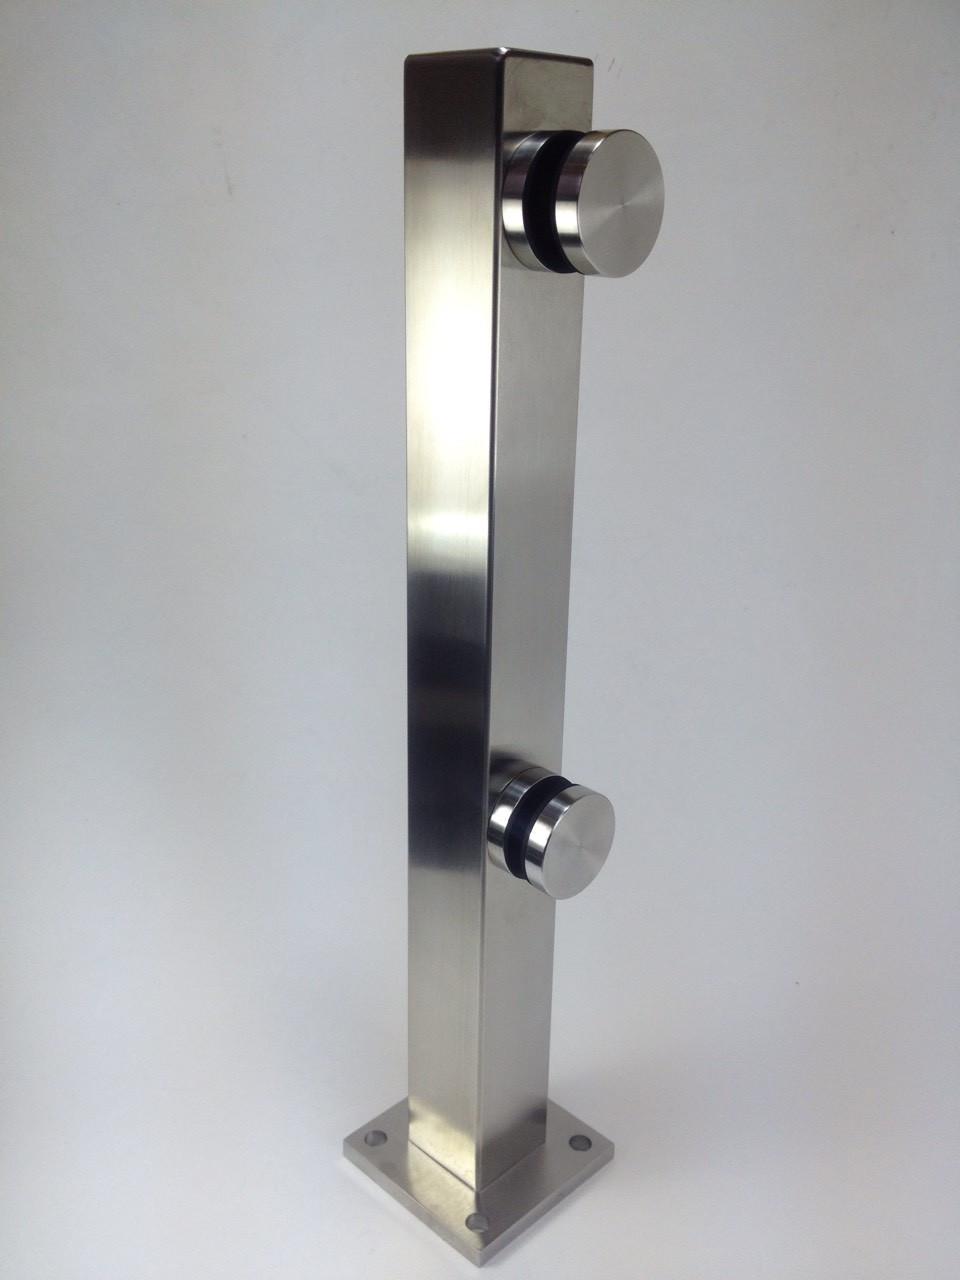 ODF-02-07-01-H400  Стойка для стеклянных перил 400 мм из нержавейки с точечным креплением